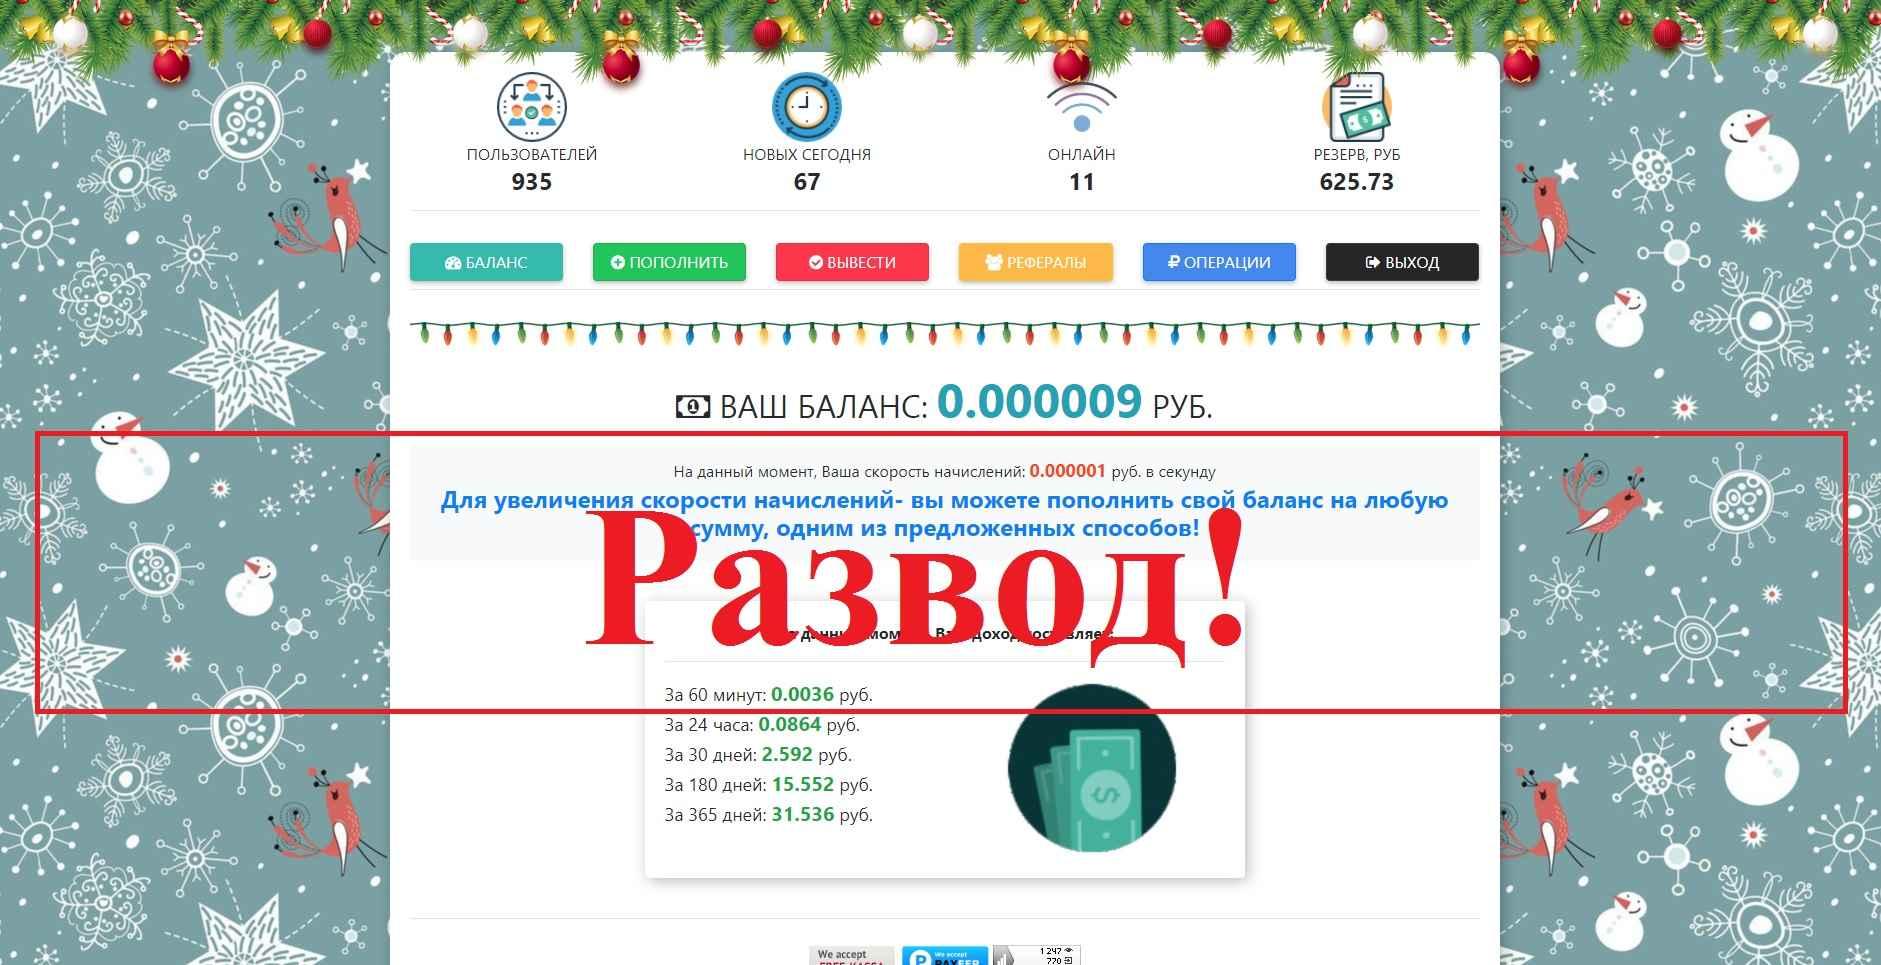 Santacash.ru – обзор и реальные отзывы